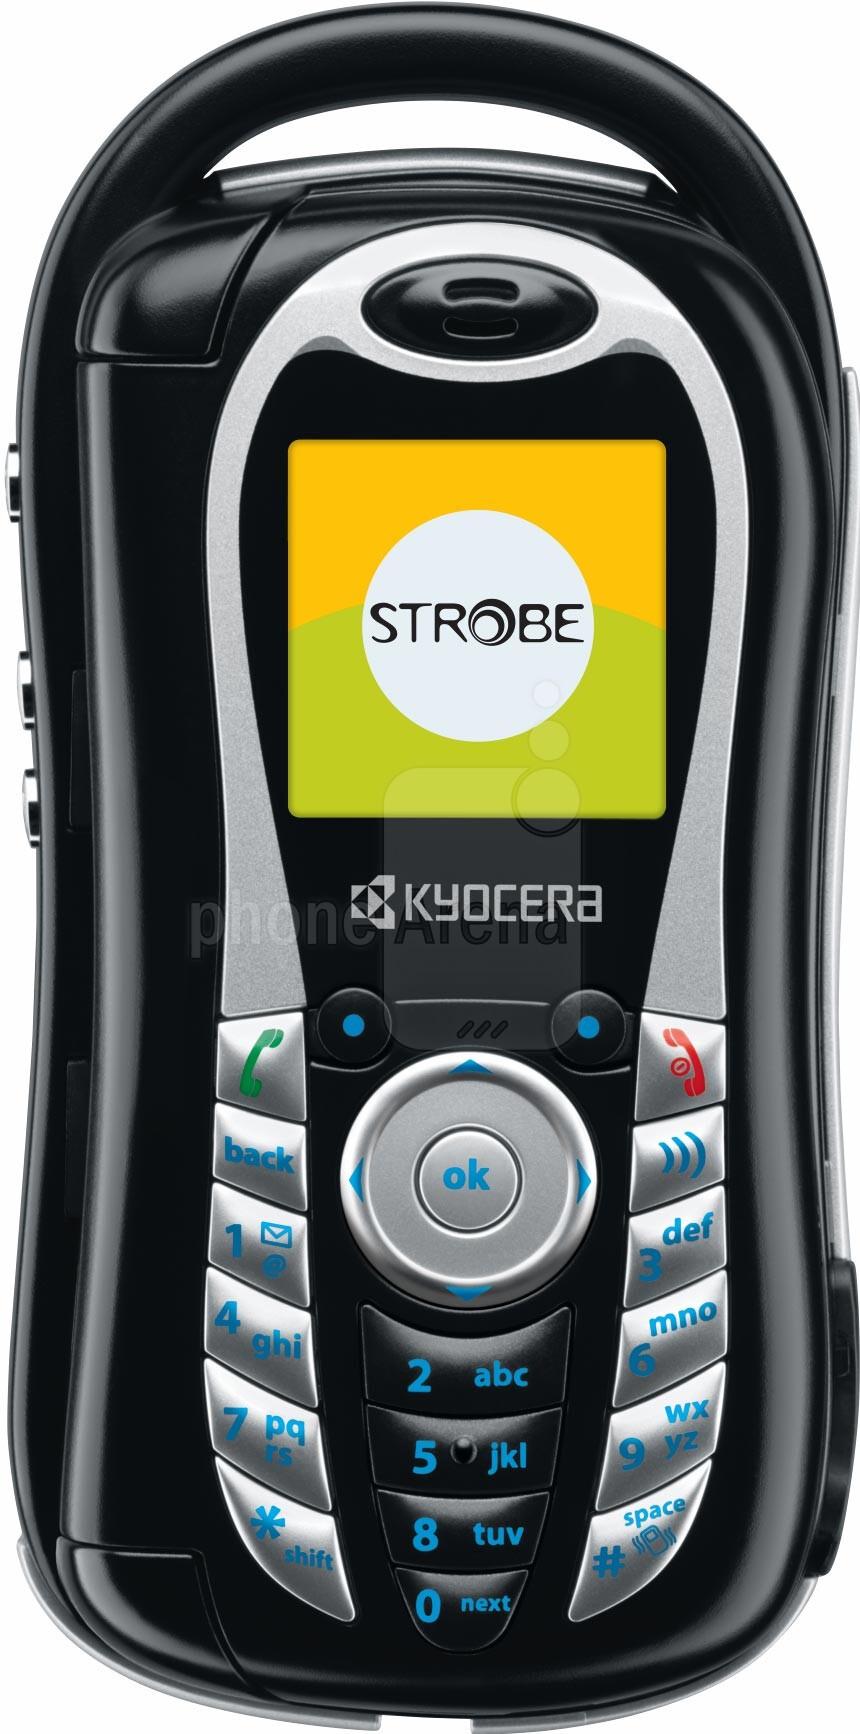 Kyocera Strobe / Switch_Back